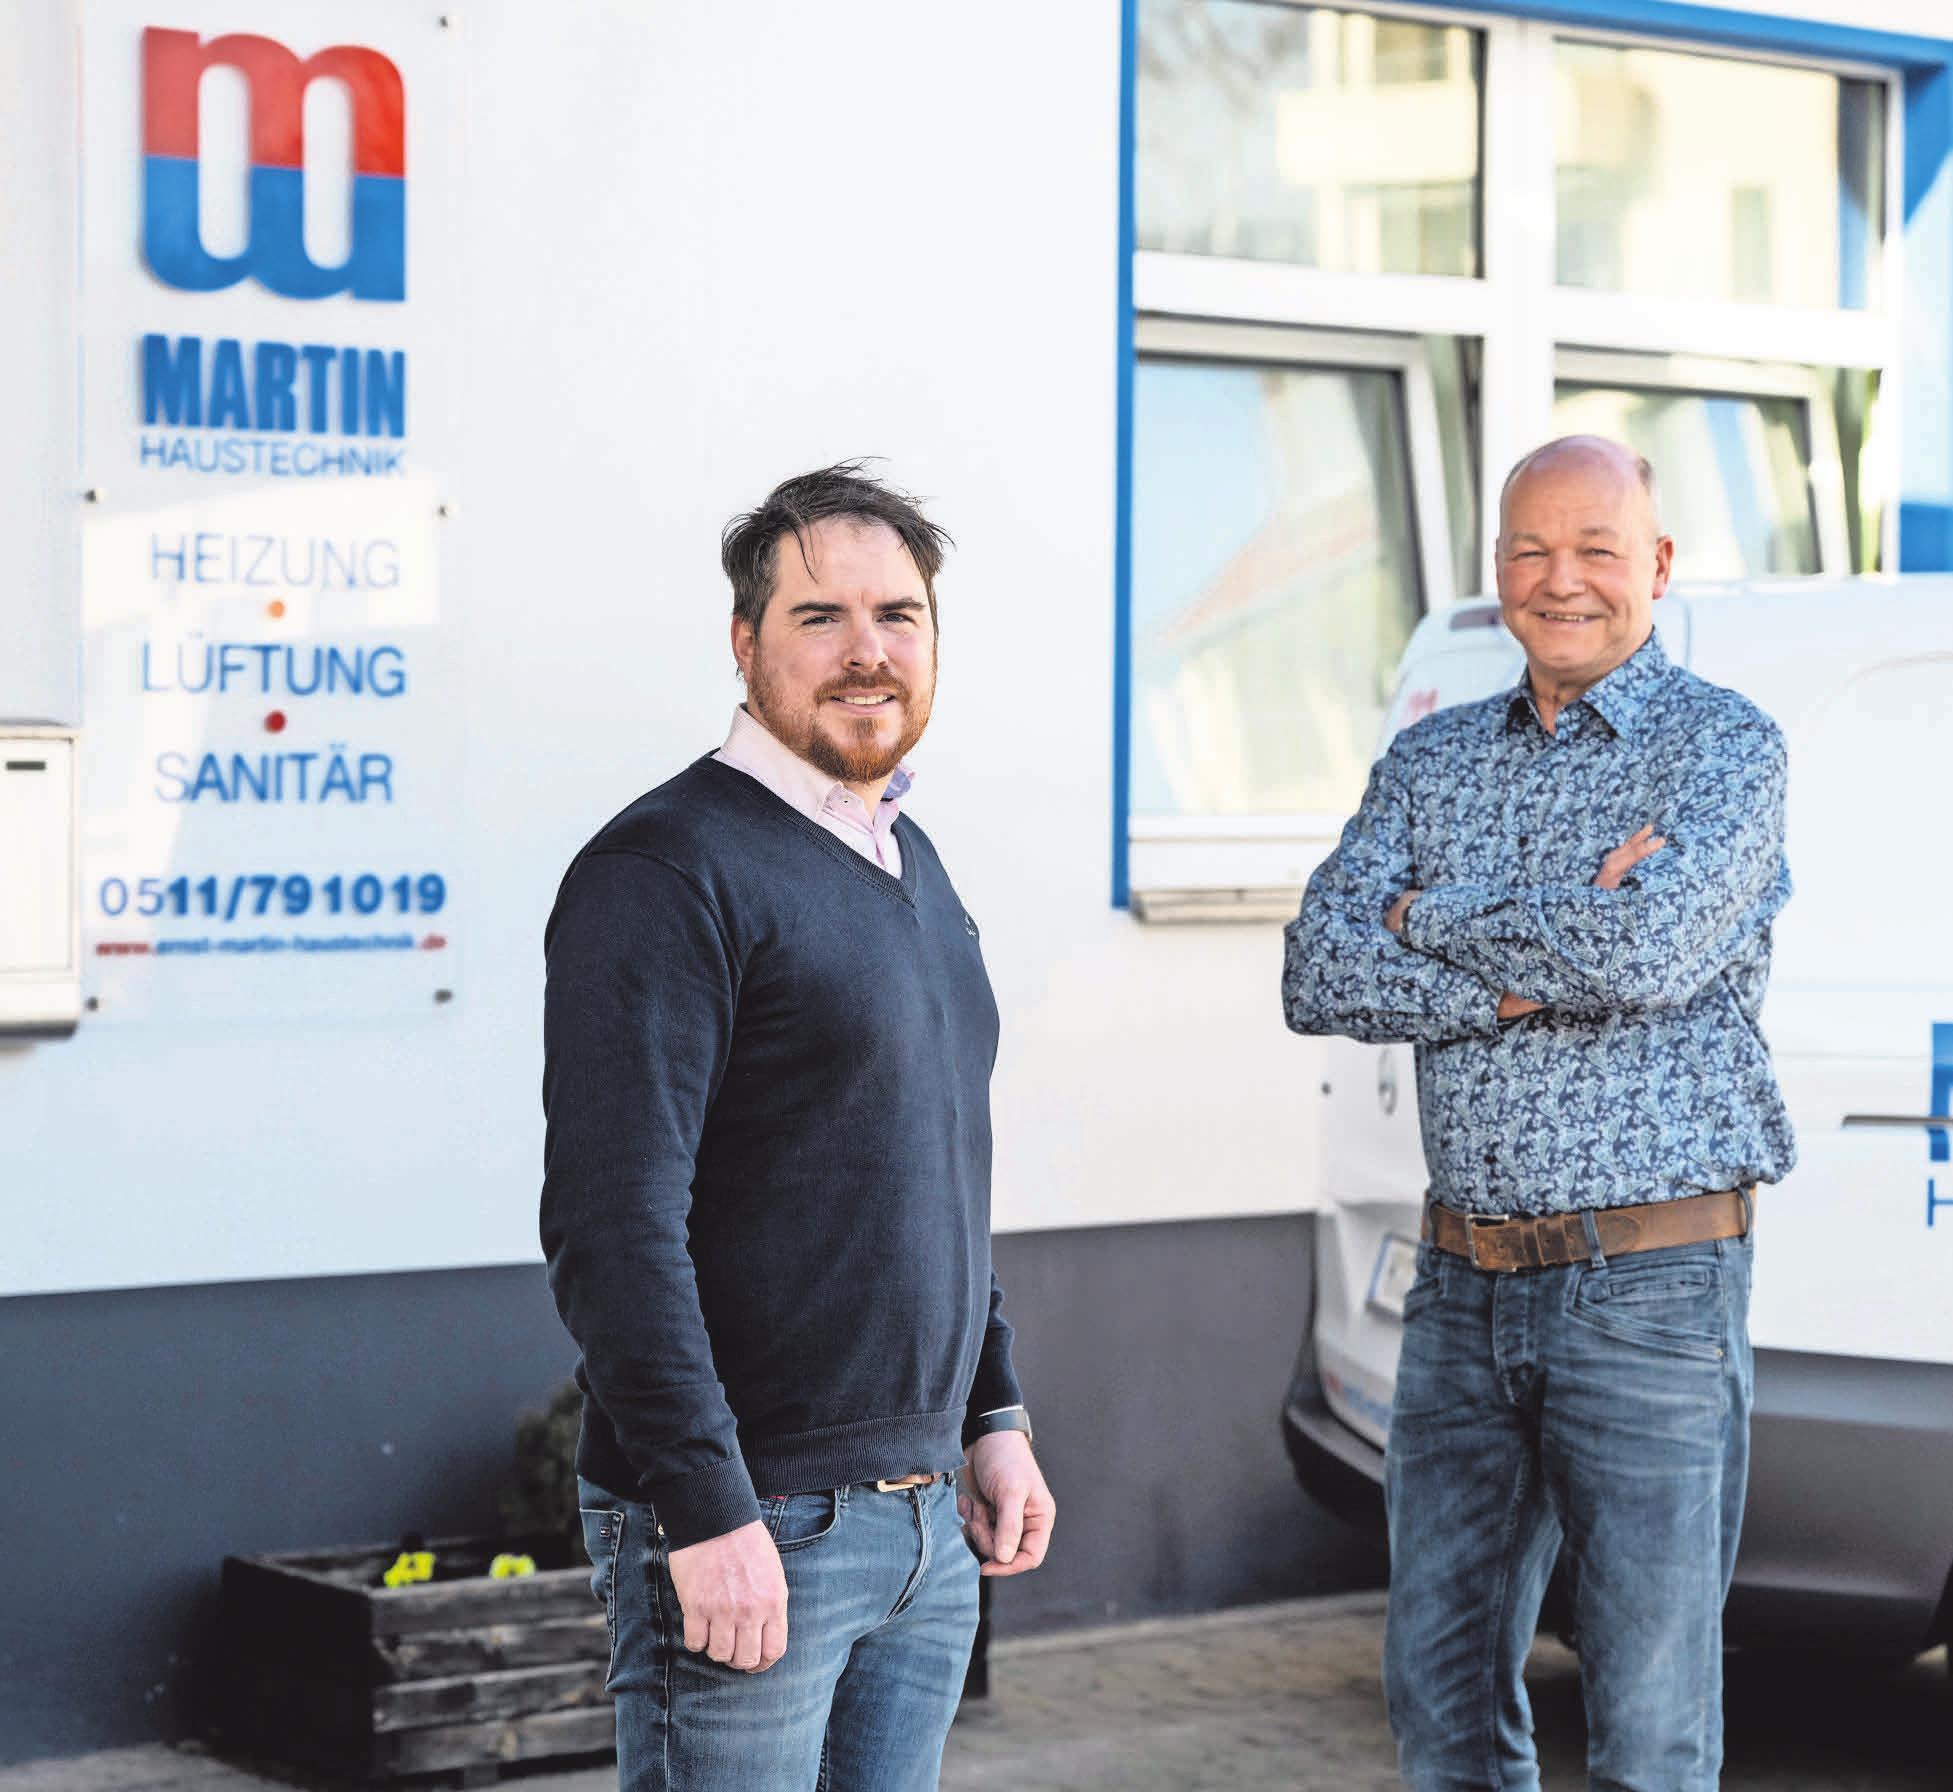 Geschäftsführer Jan-Martin Elsholz und Heizungsbaumeister Clemens Pauer führen das Unternehmen nach 50 Jahren erfolgreich in die Zukunft.